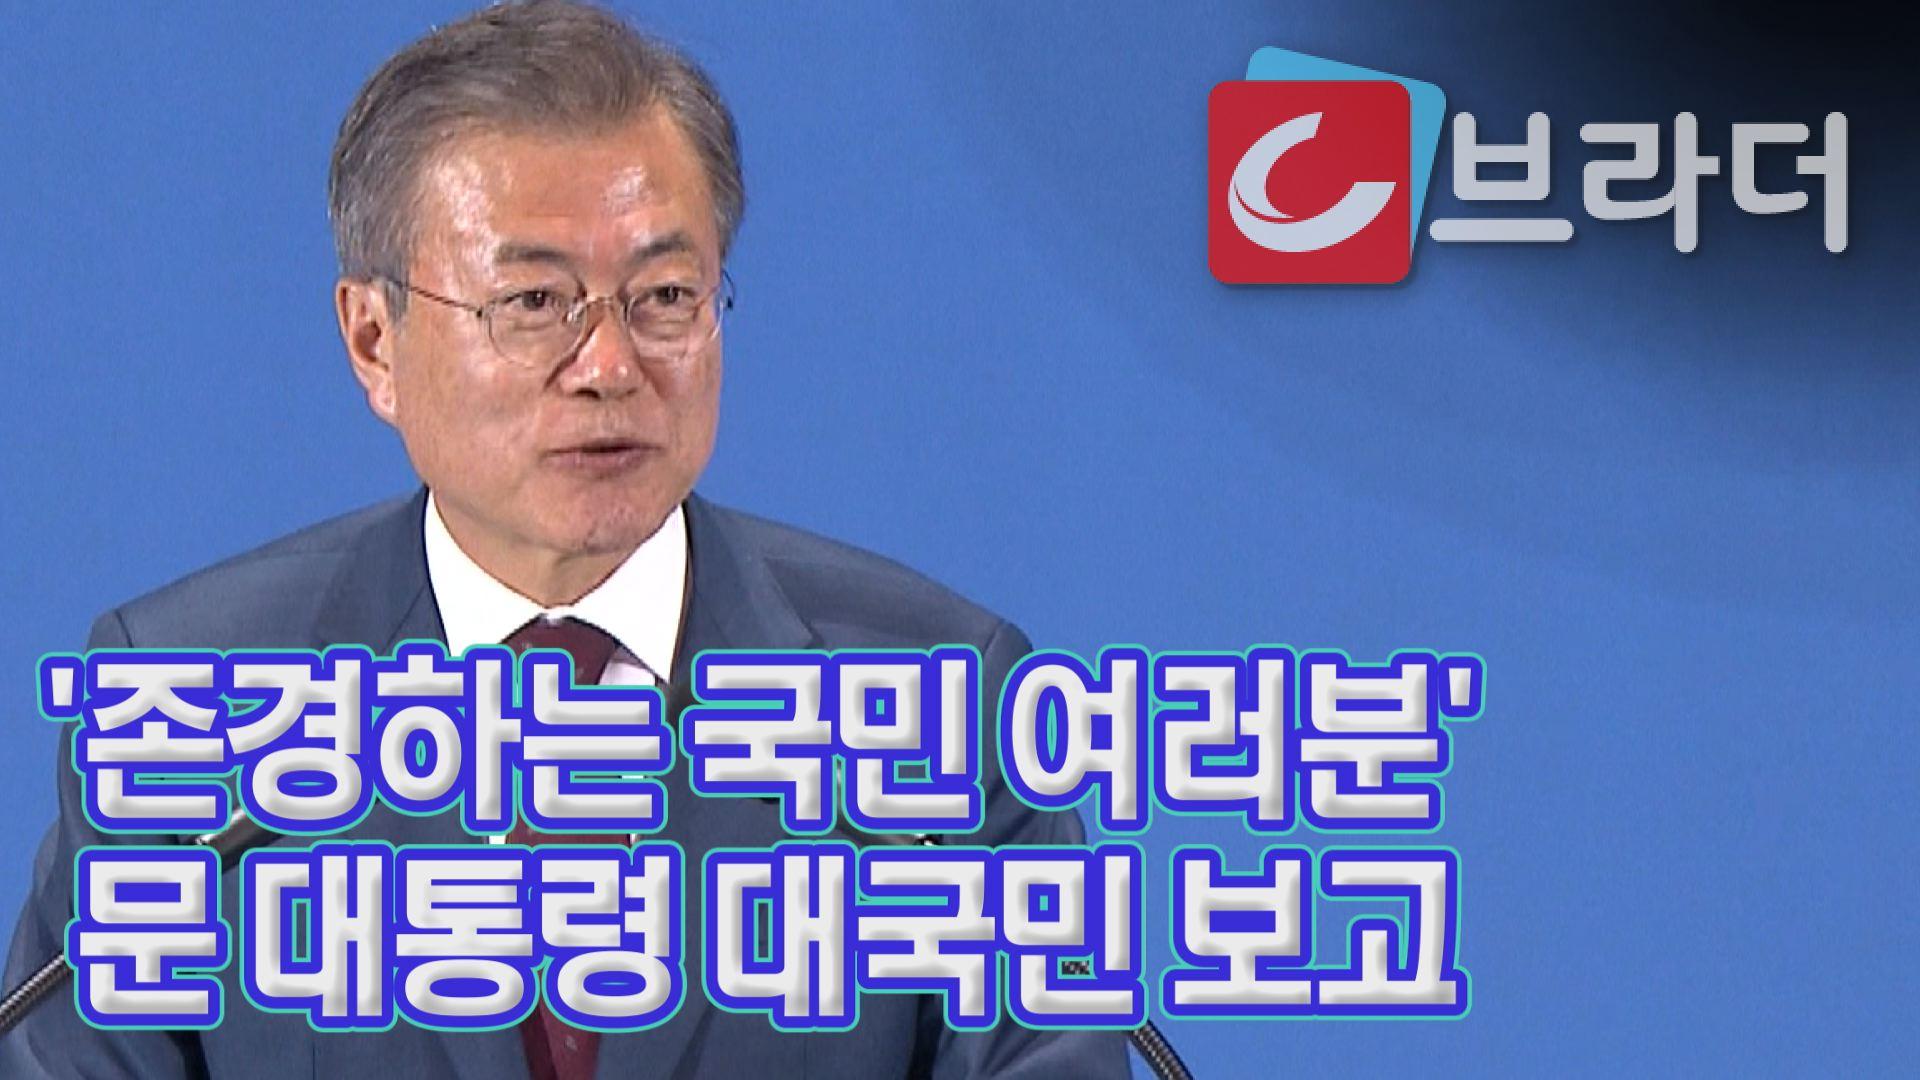 [평양남북정상회담]'가장먼저할일은'문재인대통령,프레스센터대국민보고[..